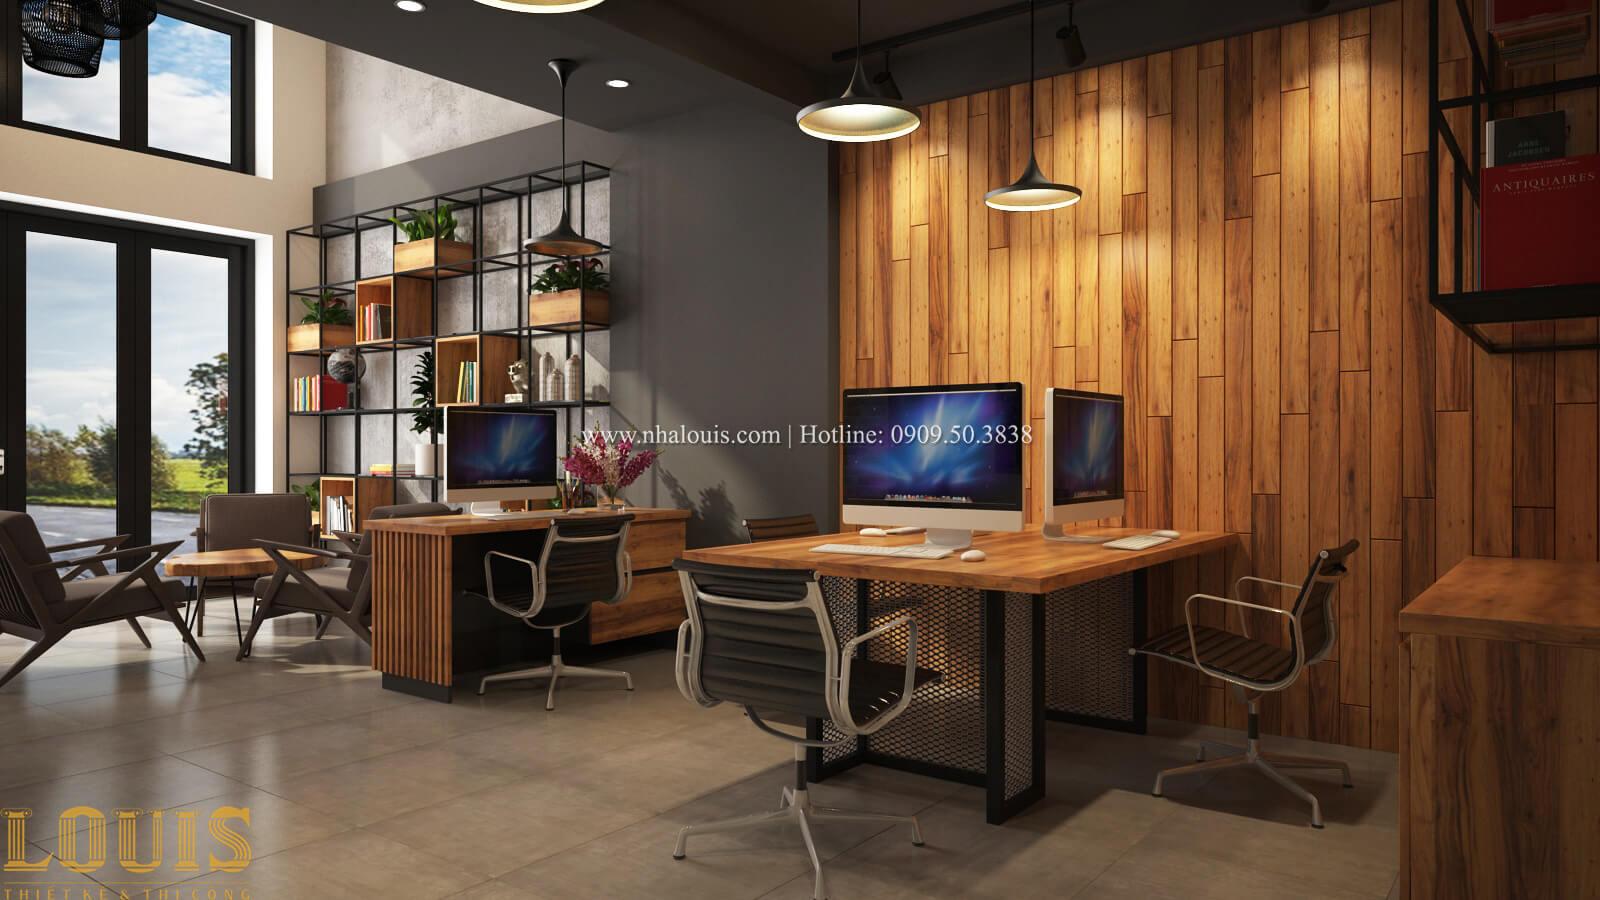 Văn phòng Tư vấn thiết kế mẫu nhà đẹp 4x20m hiện đại và sang trọng tại quận 8 - 19